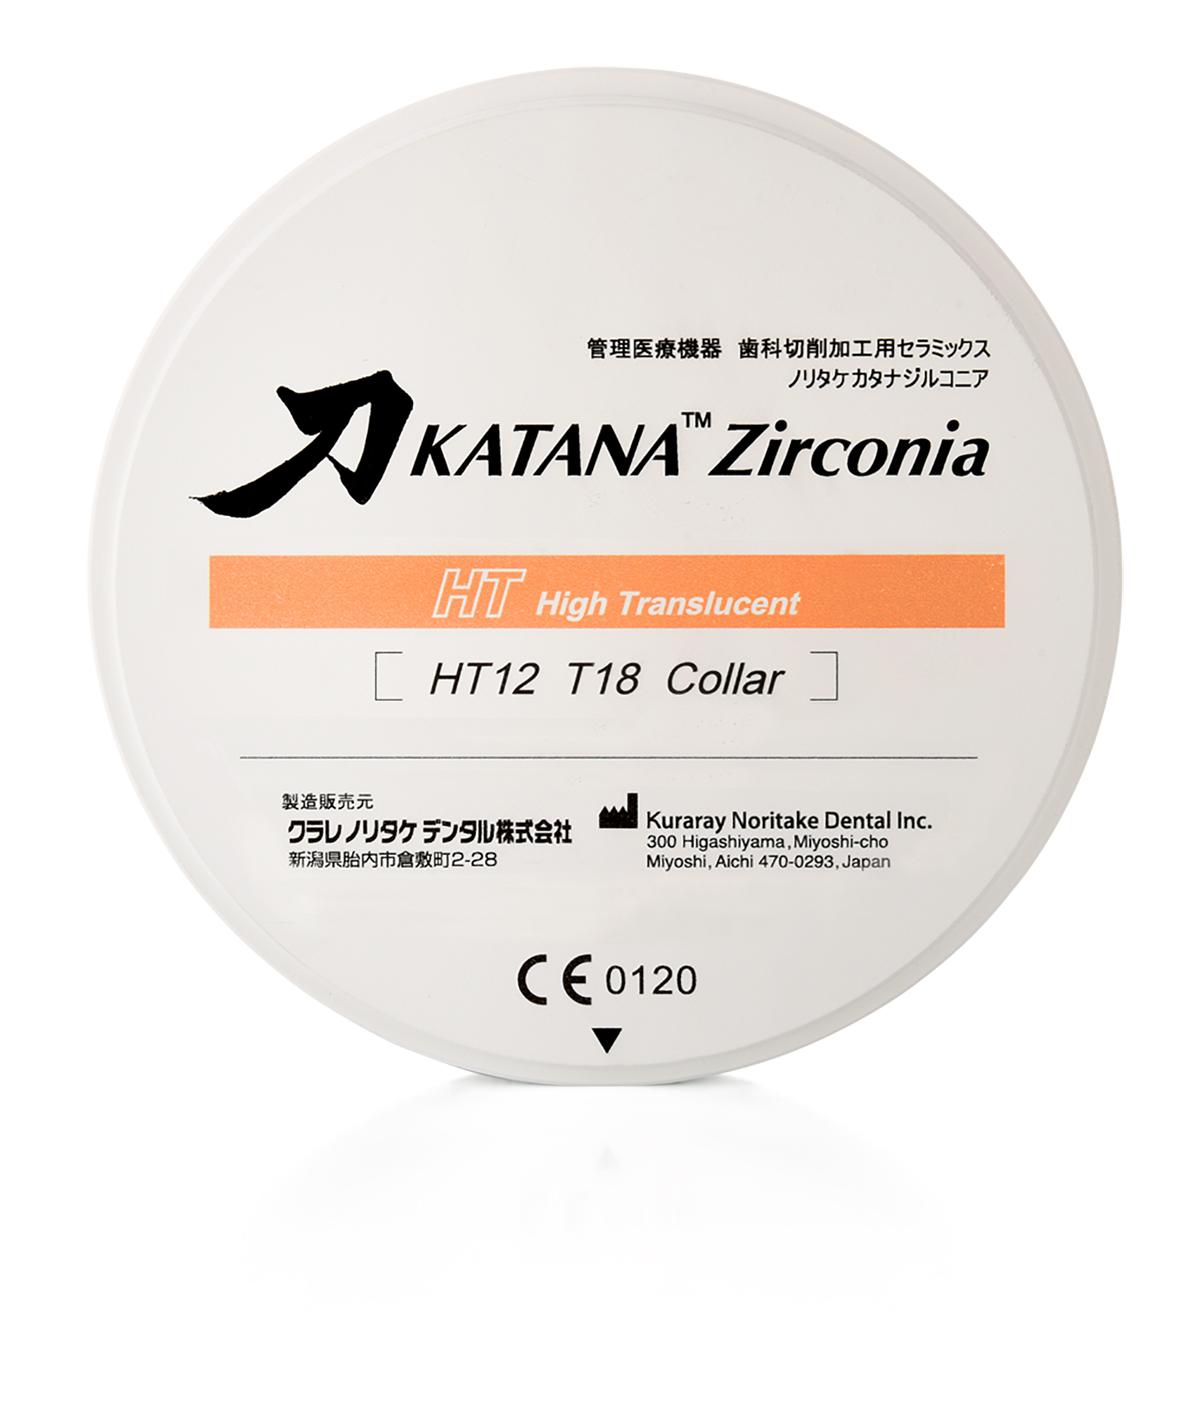 KATANA™ Zirconia HT